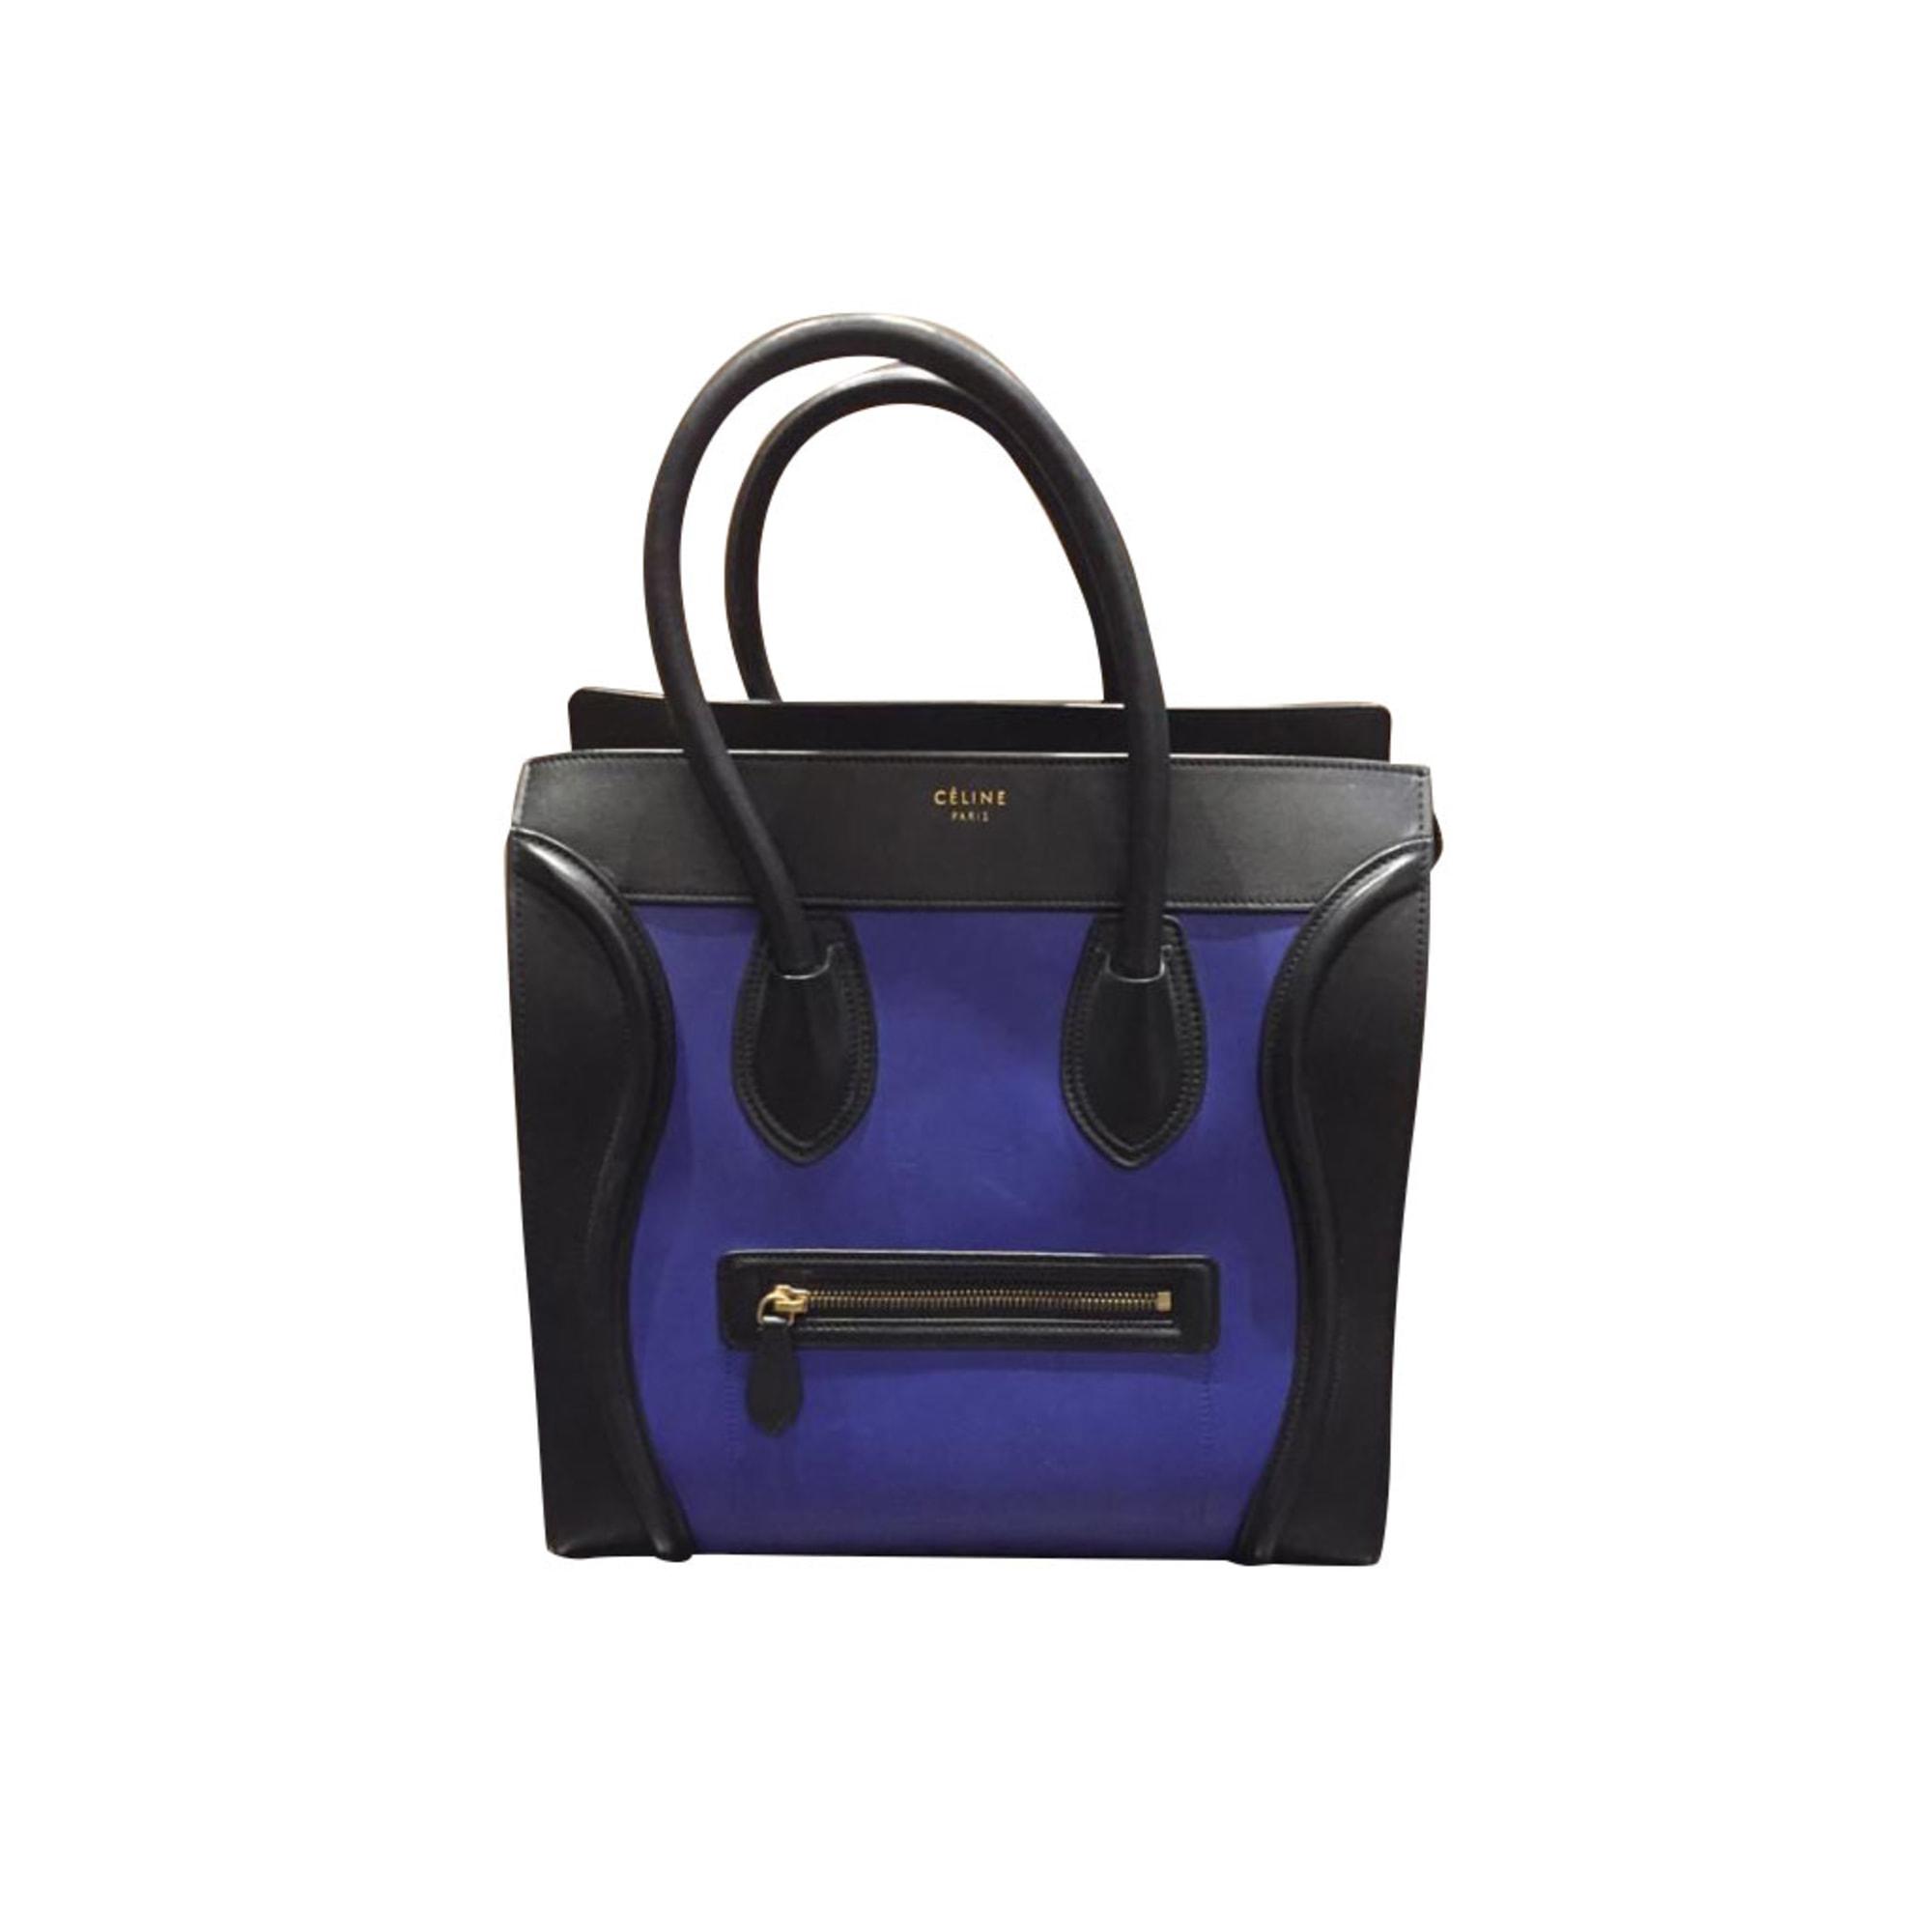 Sac à main en cuir CÉLINE Luggage Bleu, bleu marine, bleu turquoise